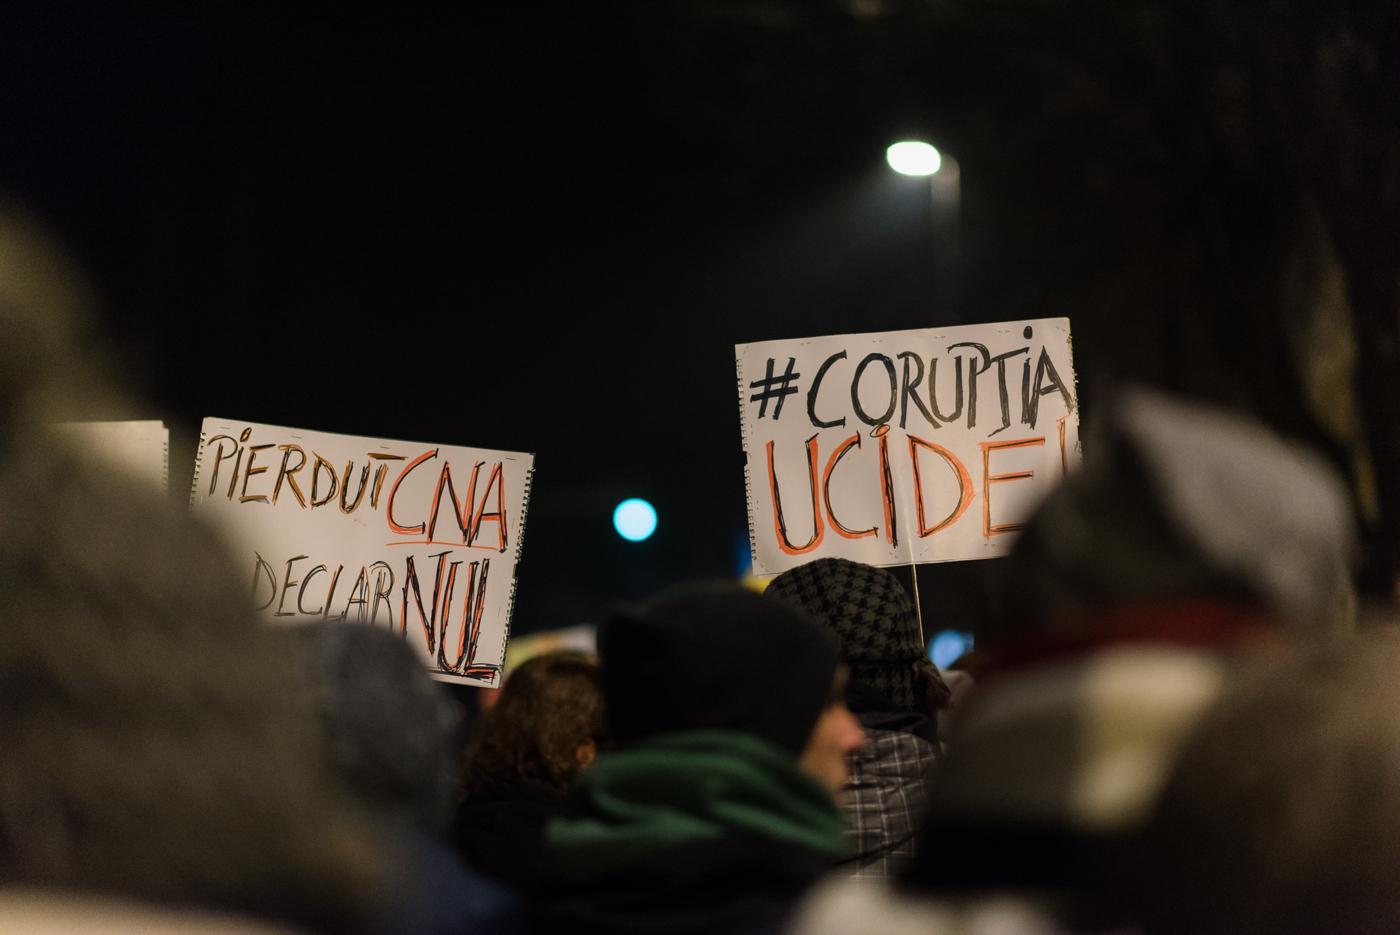 Cele mai tari mesaje de pe pancartele protestelor de la #Cluj